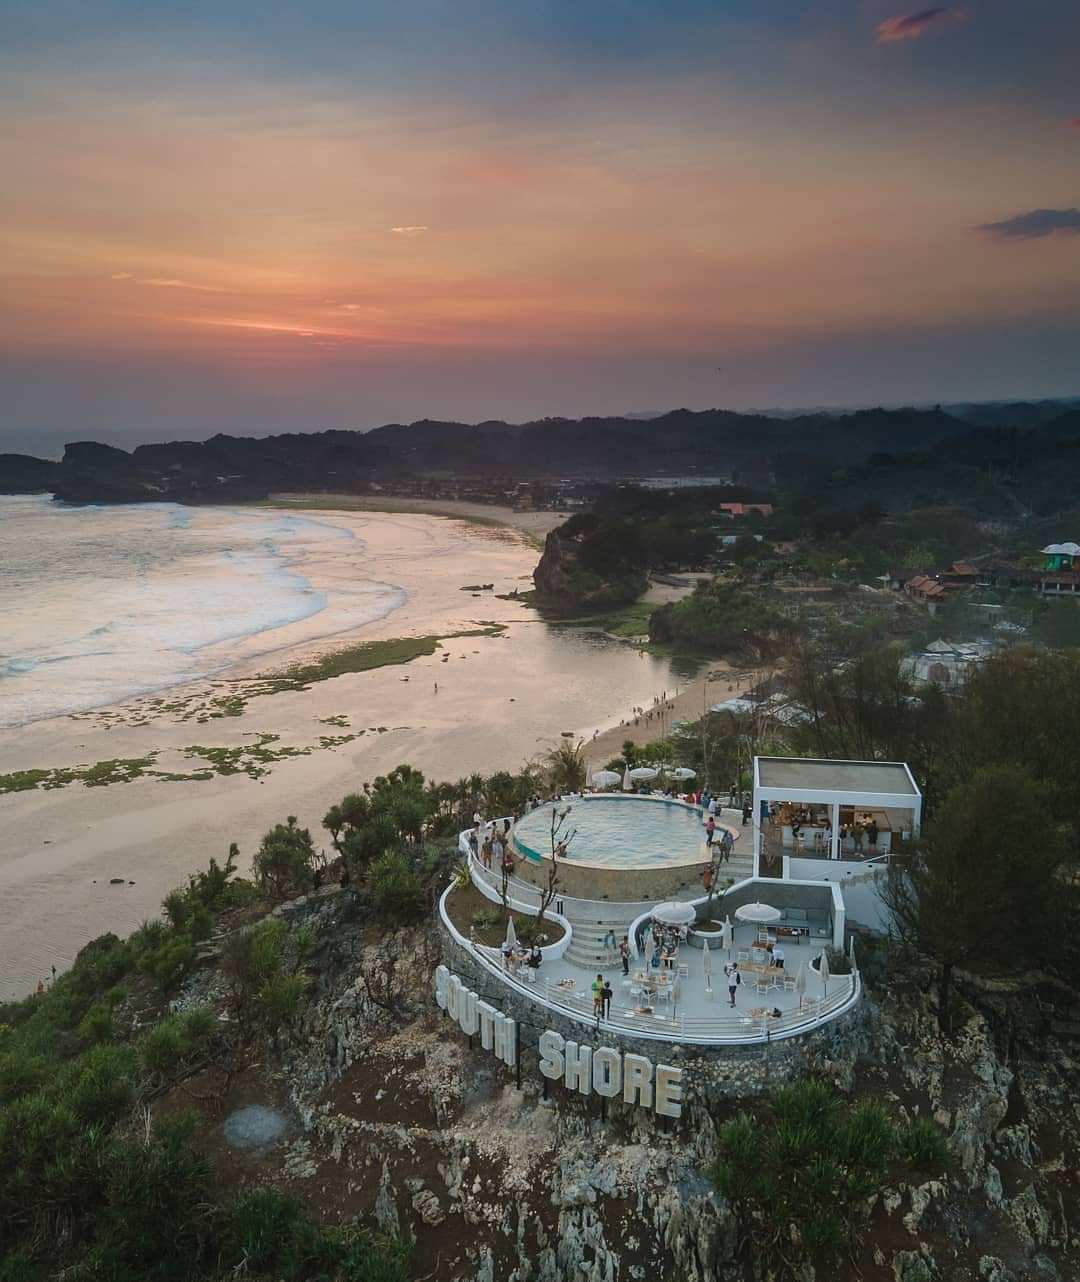 South Shore GunungKidul Dilihat Dari Atas Image From @kinaryo_palupi